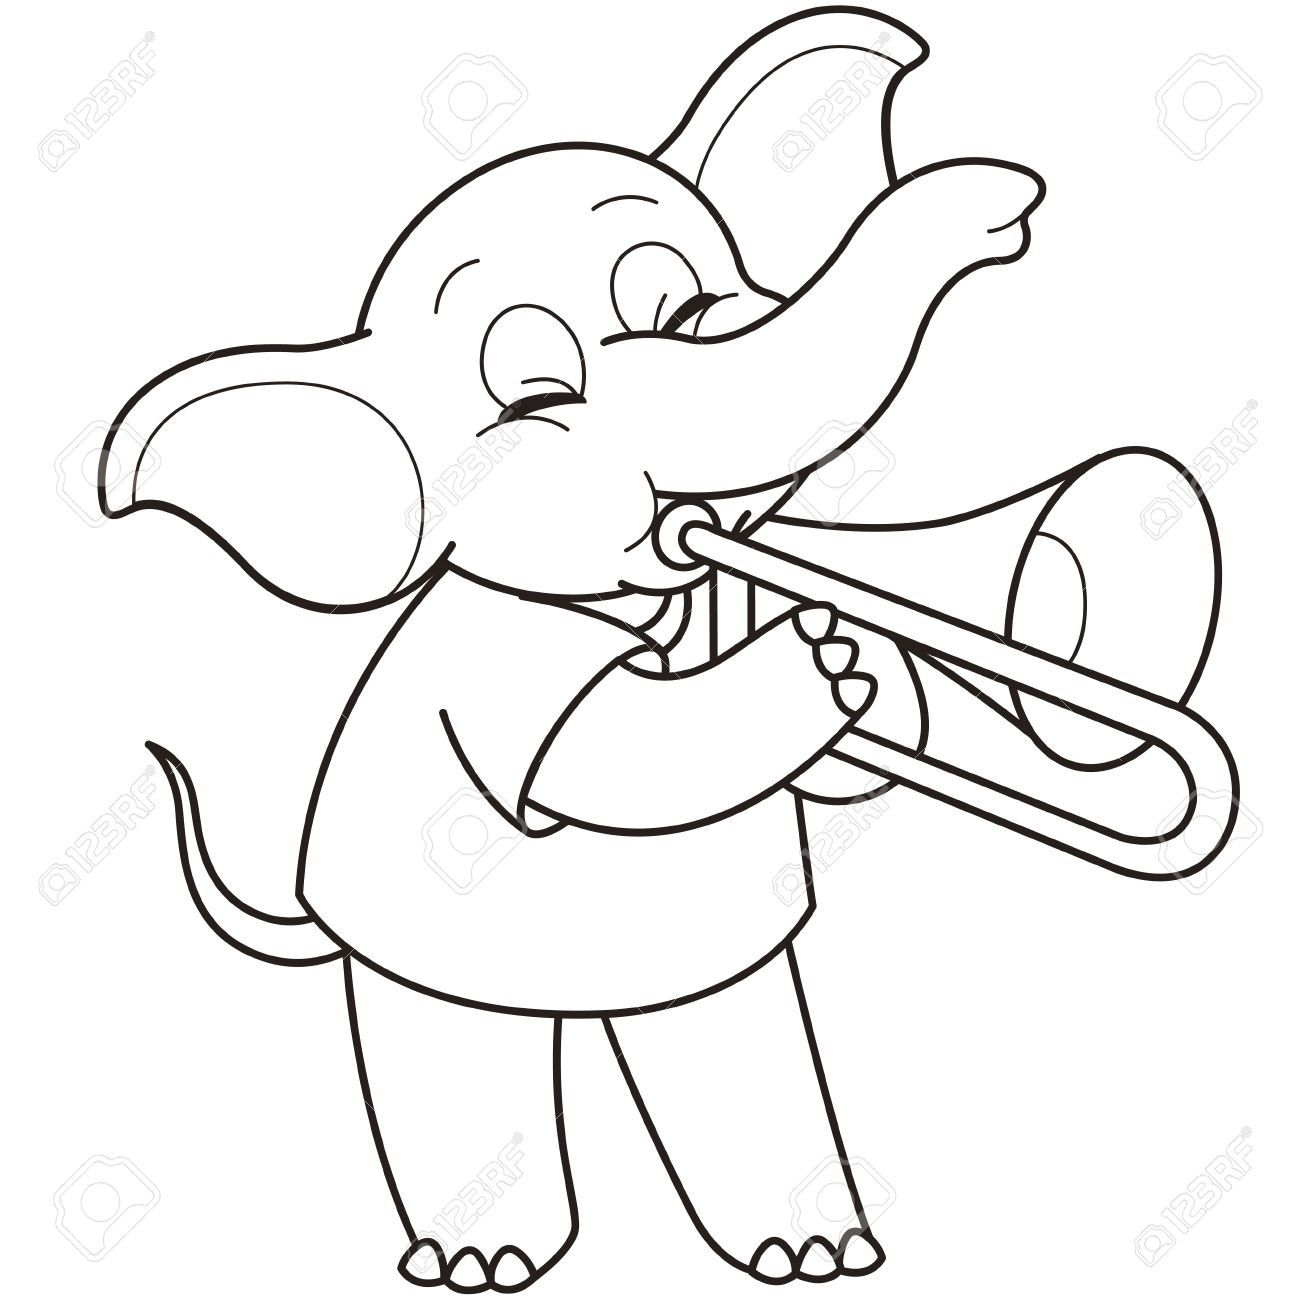 Stock Vector Education Teacher Ideas Cartoon Elephant Elephants Playing Trombone [ 1300 x 1300 Pixel ]